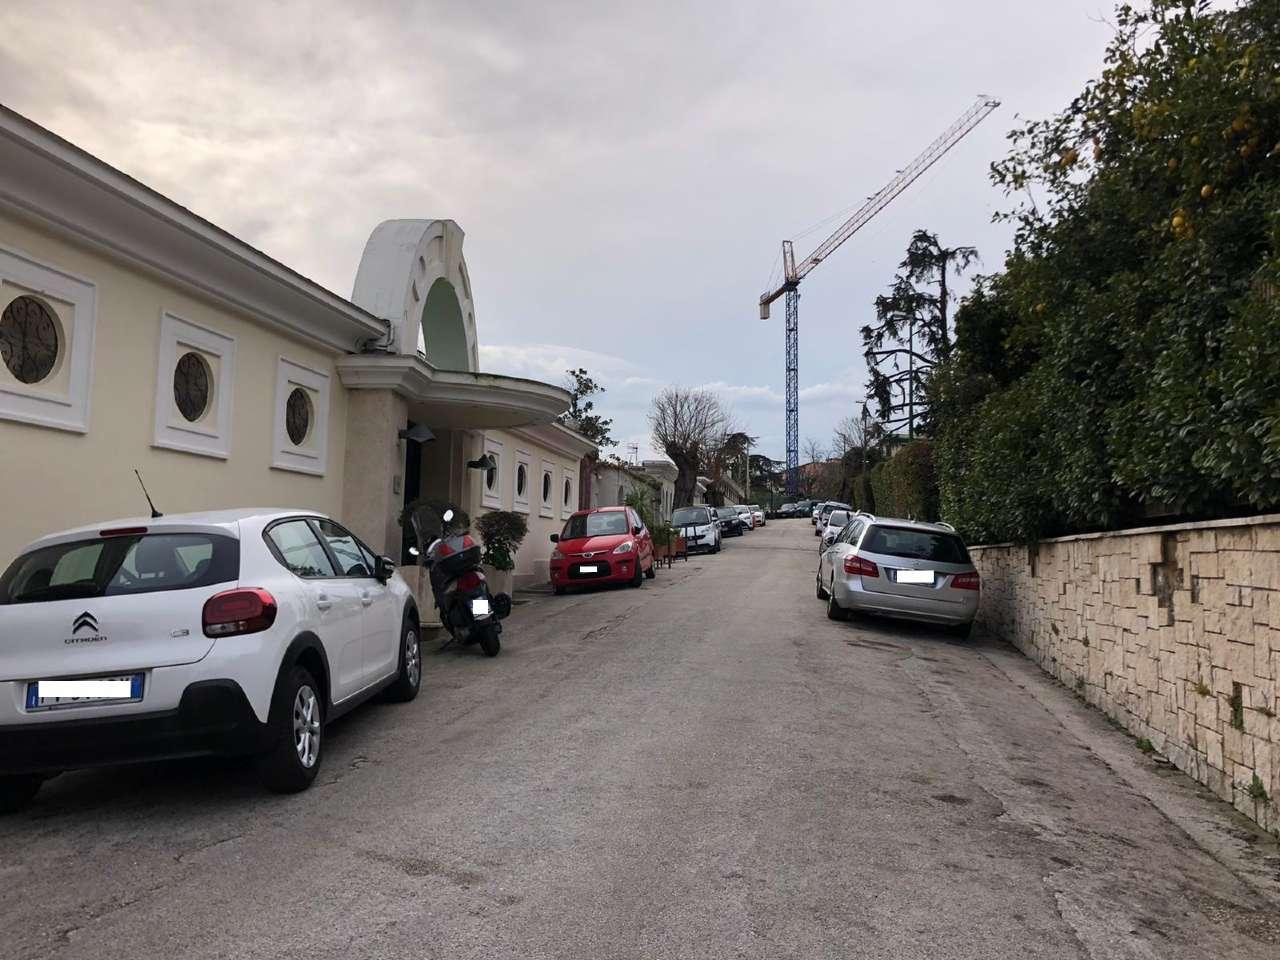 Appartamento, Via Aniello Falcone, zona Vomero, Napoli, foto 9